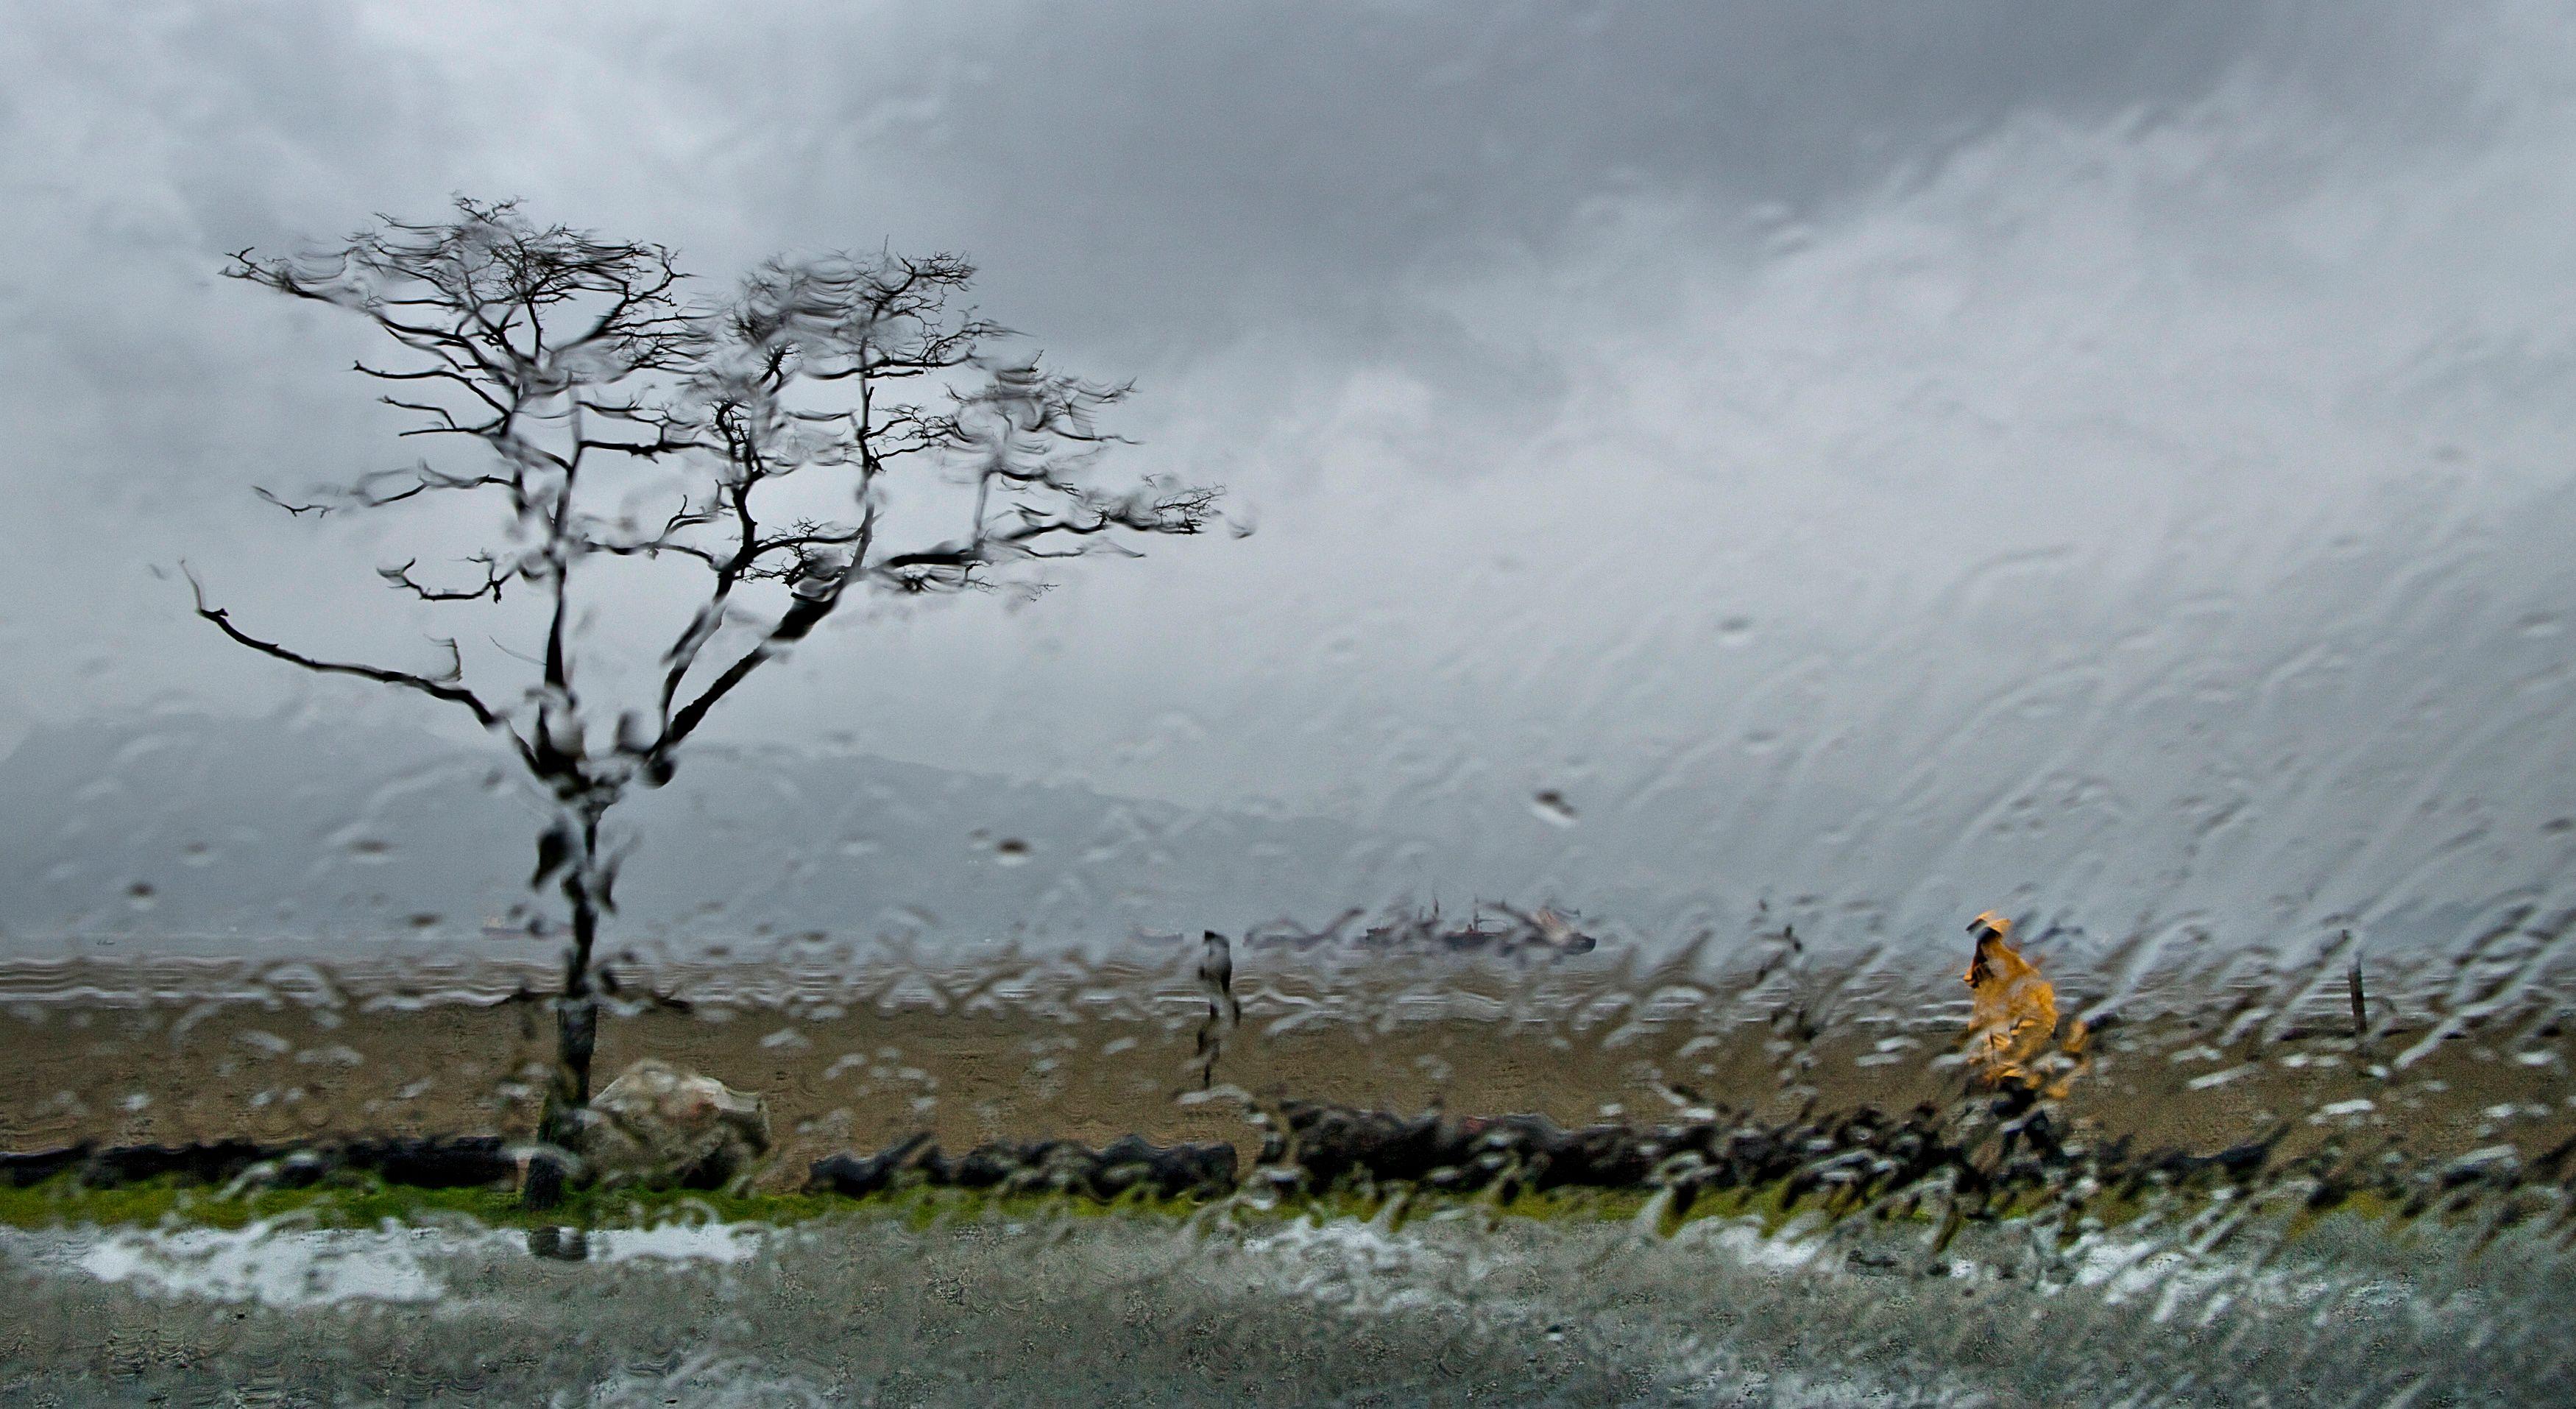 Les orages seront accompagnés de fortes pluies